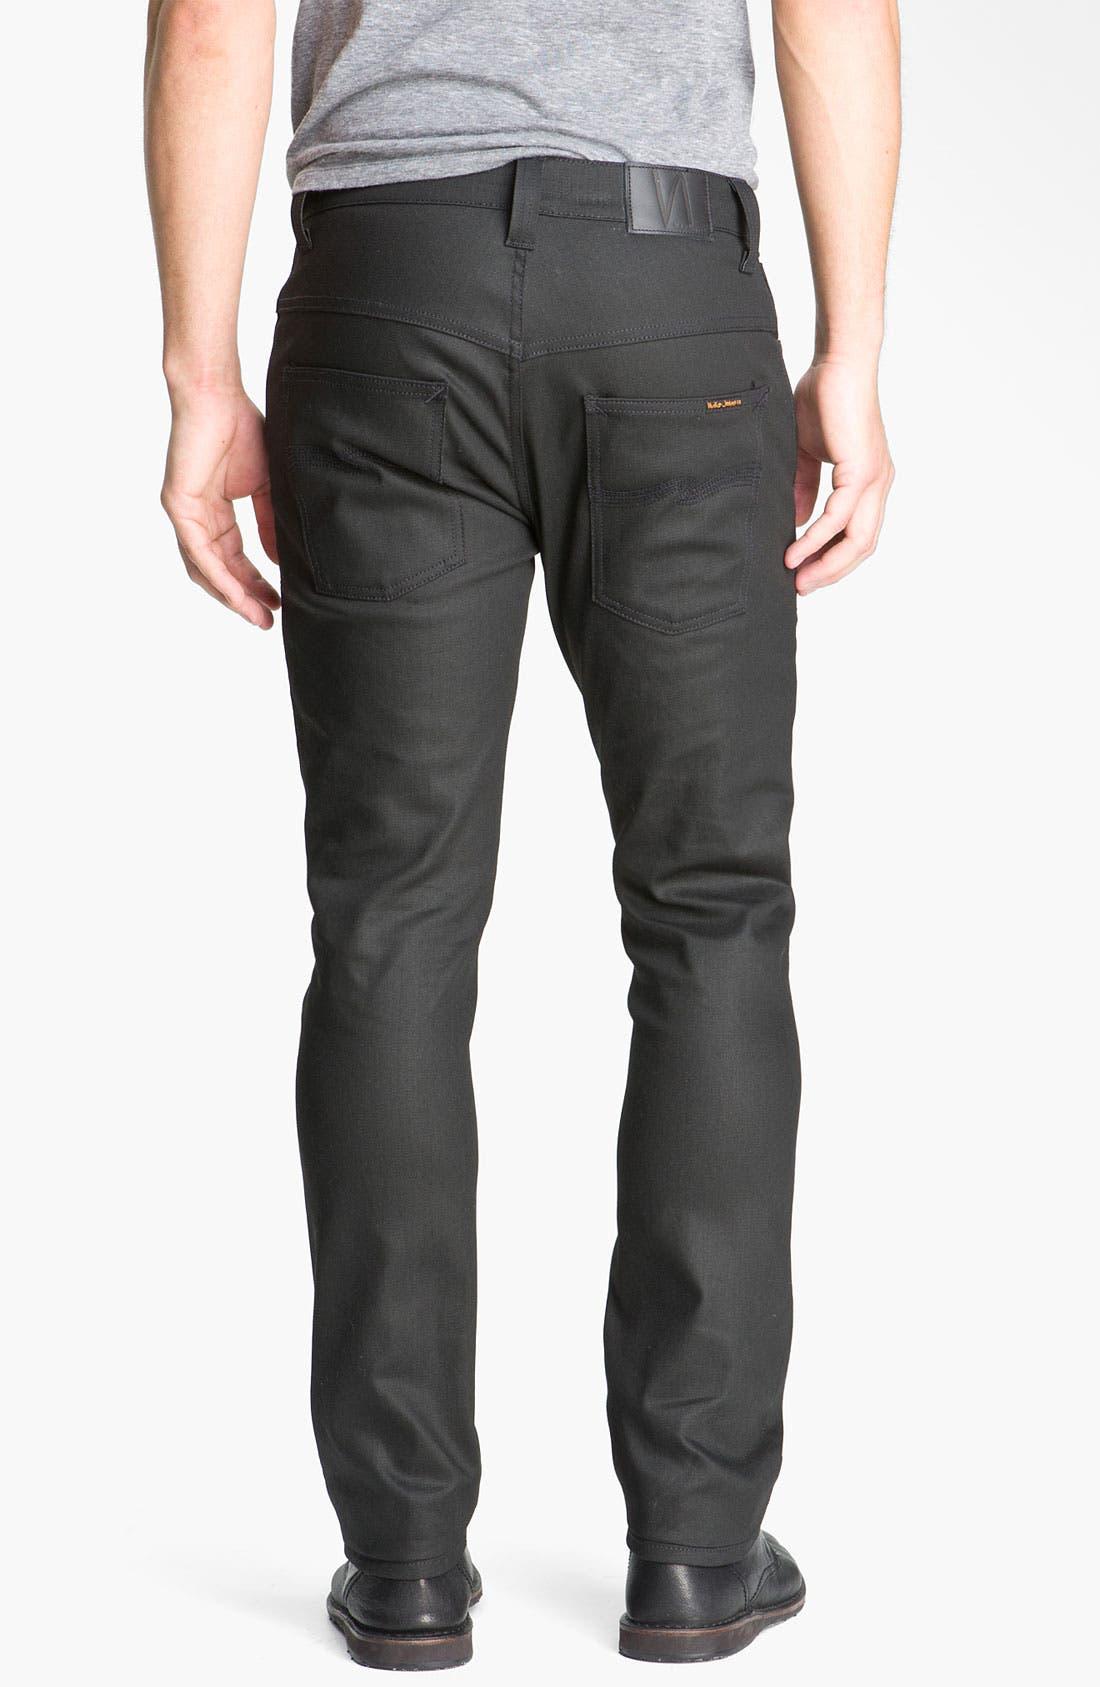 Main Image - Nudie 'Thin Finn' Skinny Jeans (Dry Black)